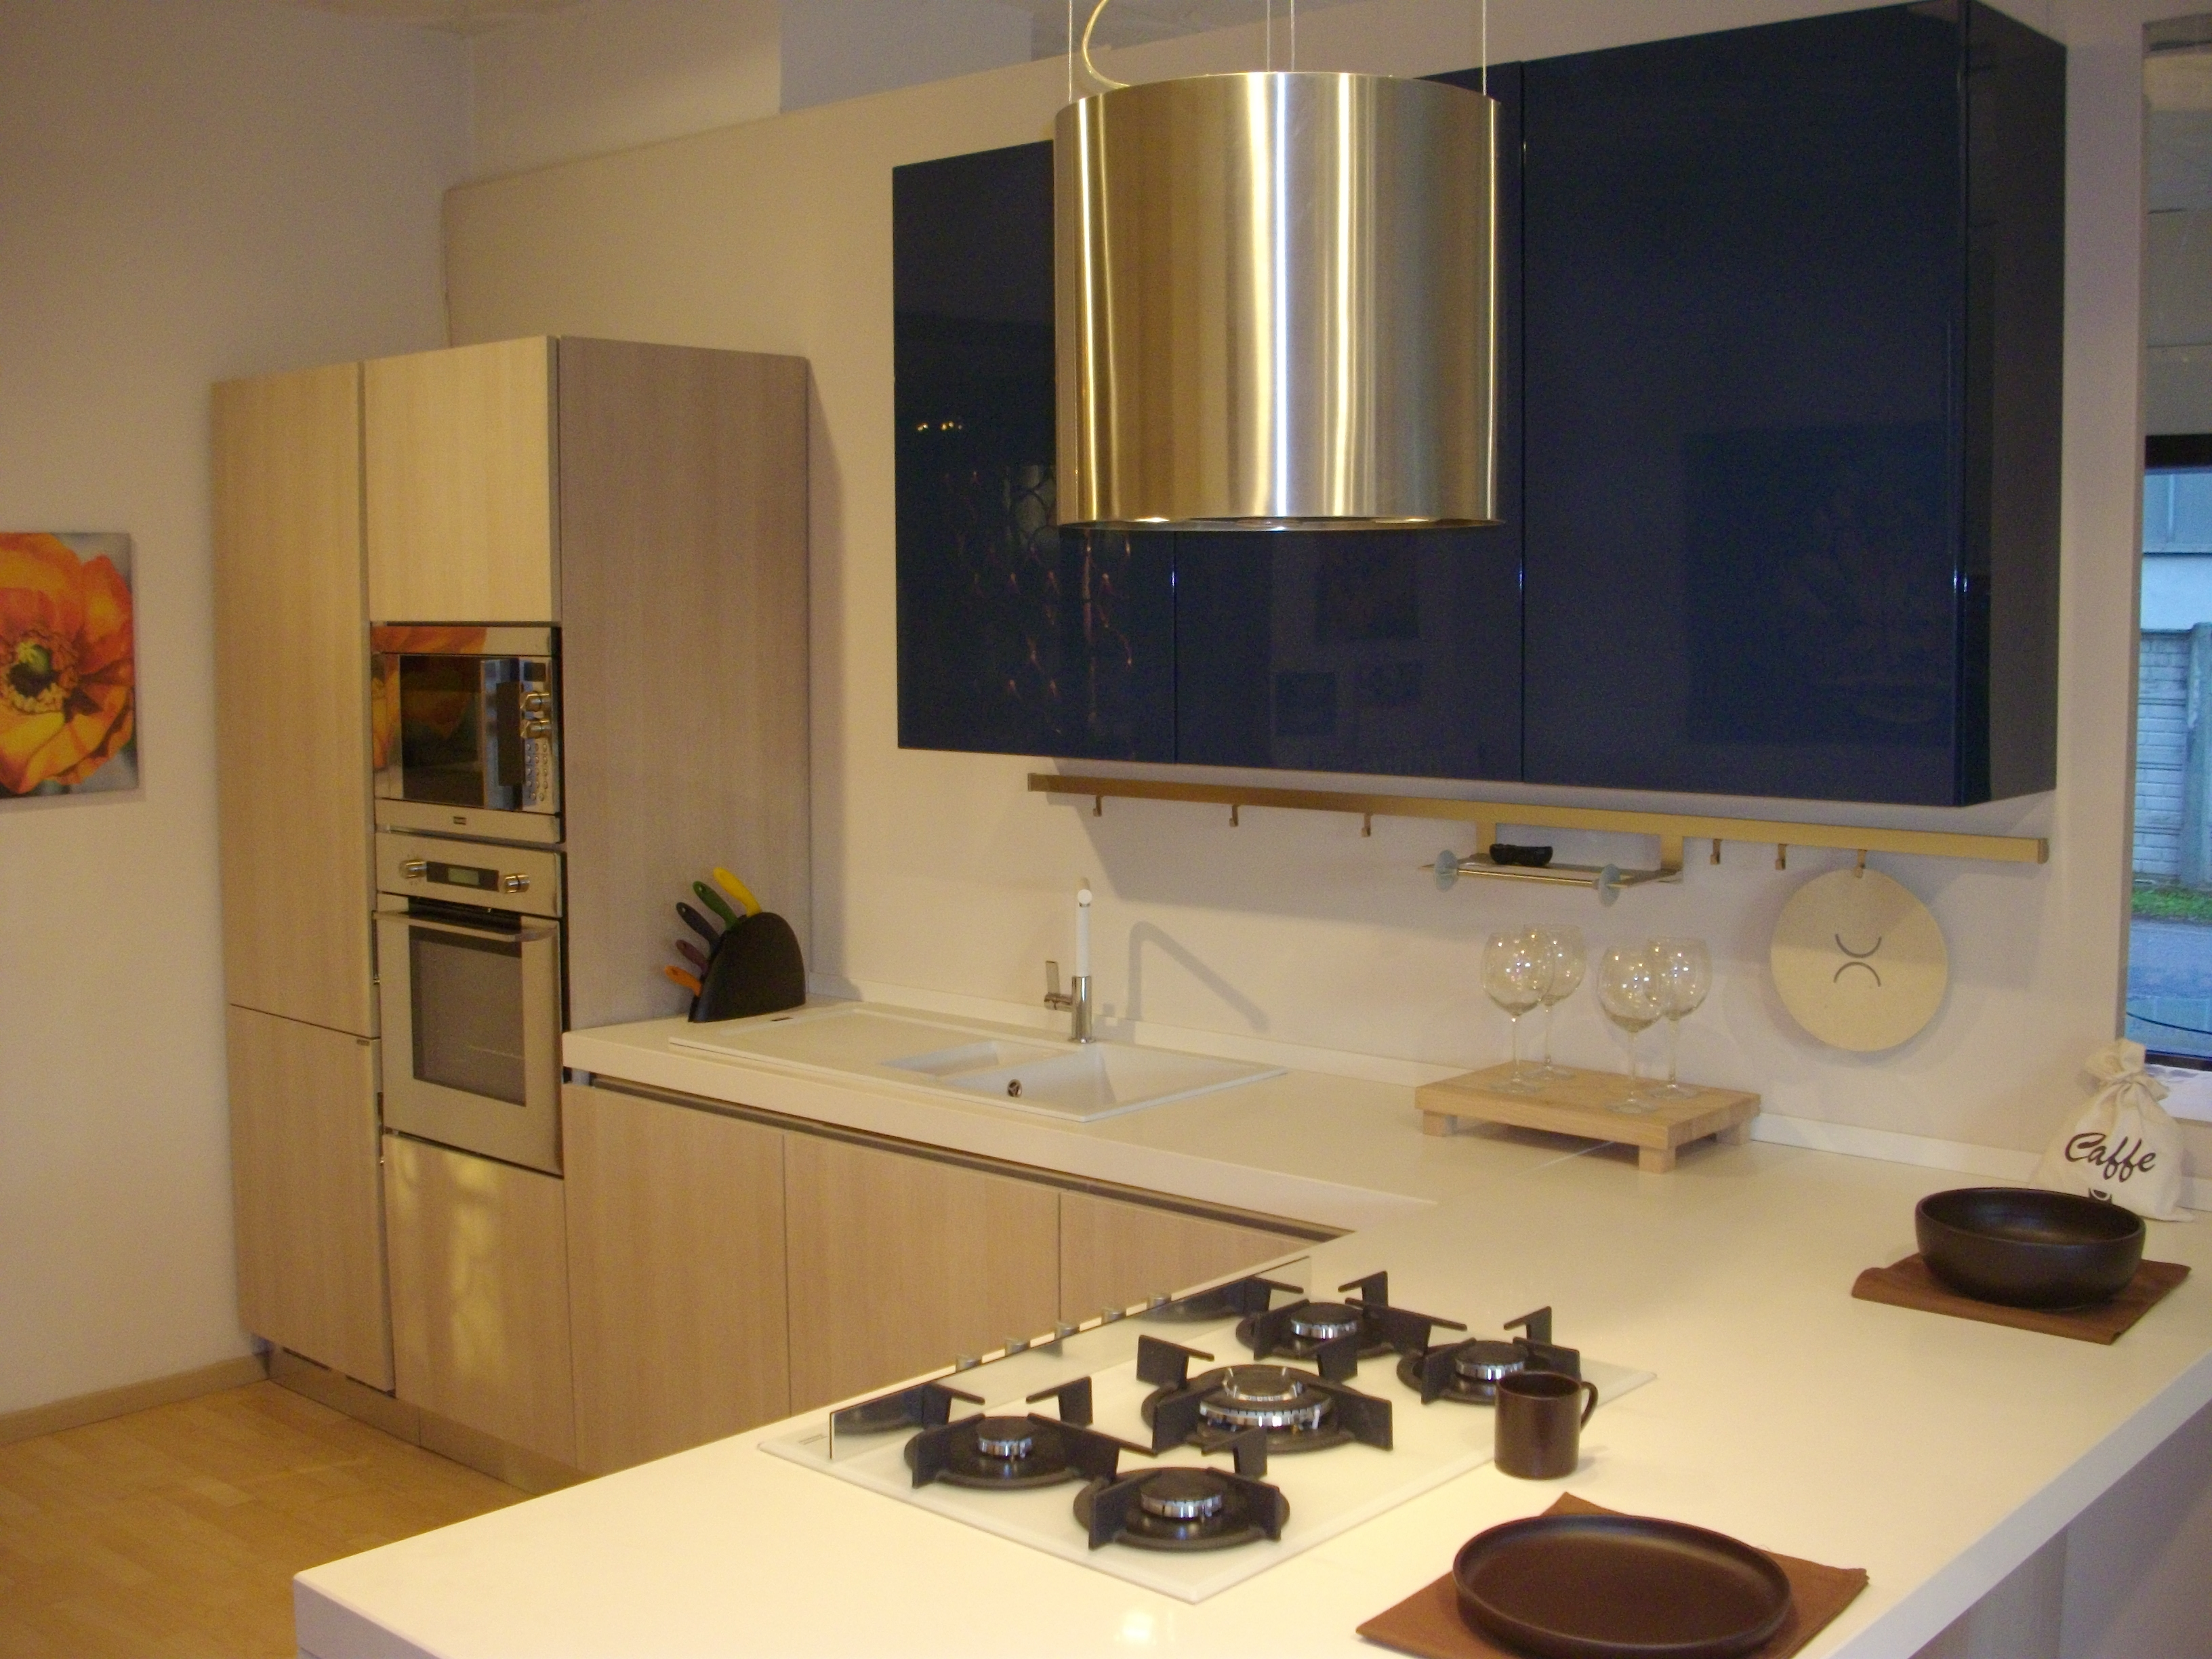 Cucina Berloni Mod.B50 In Occasione Marca: Berloni Cucine #B1841A 3264 2448 Berloni O Veneta Cucine